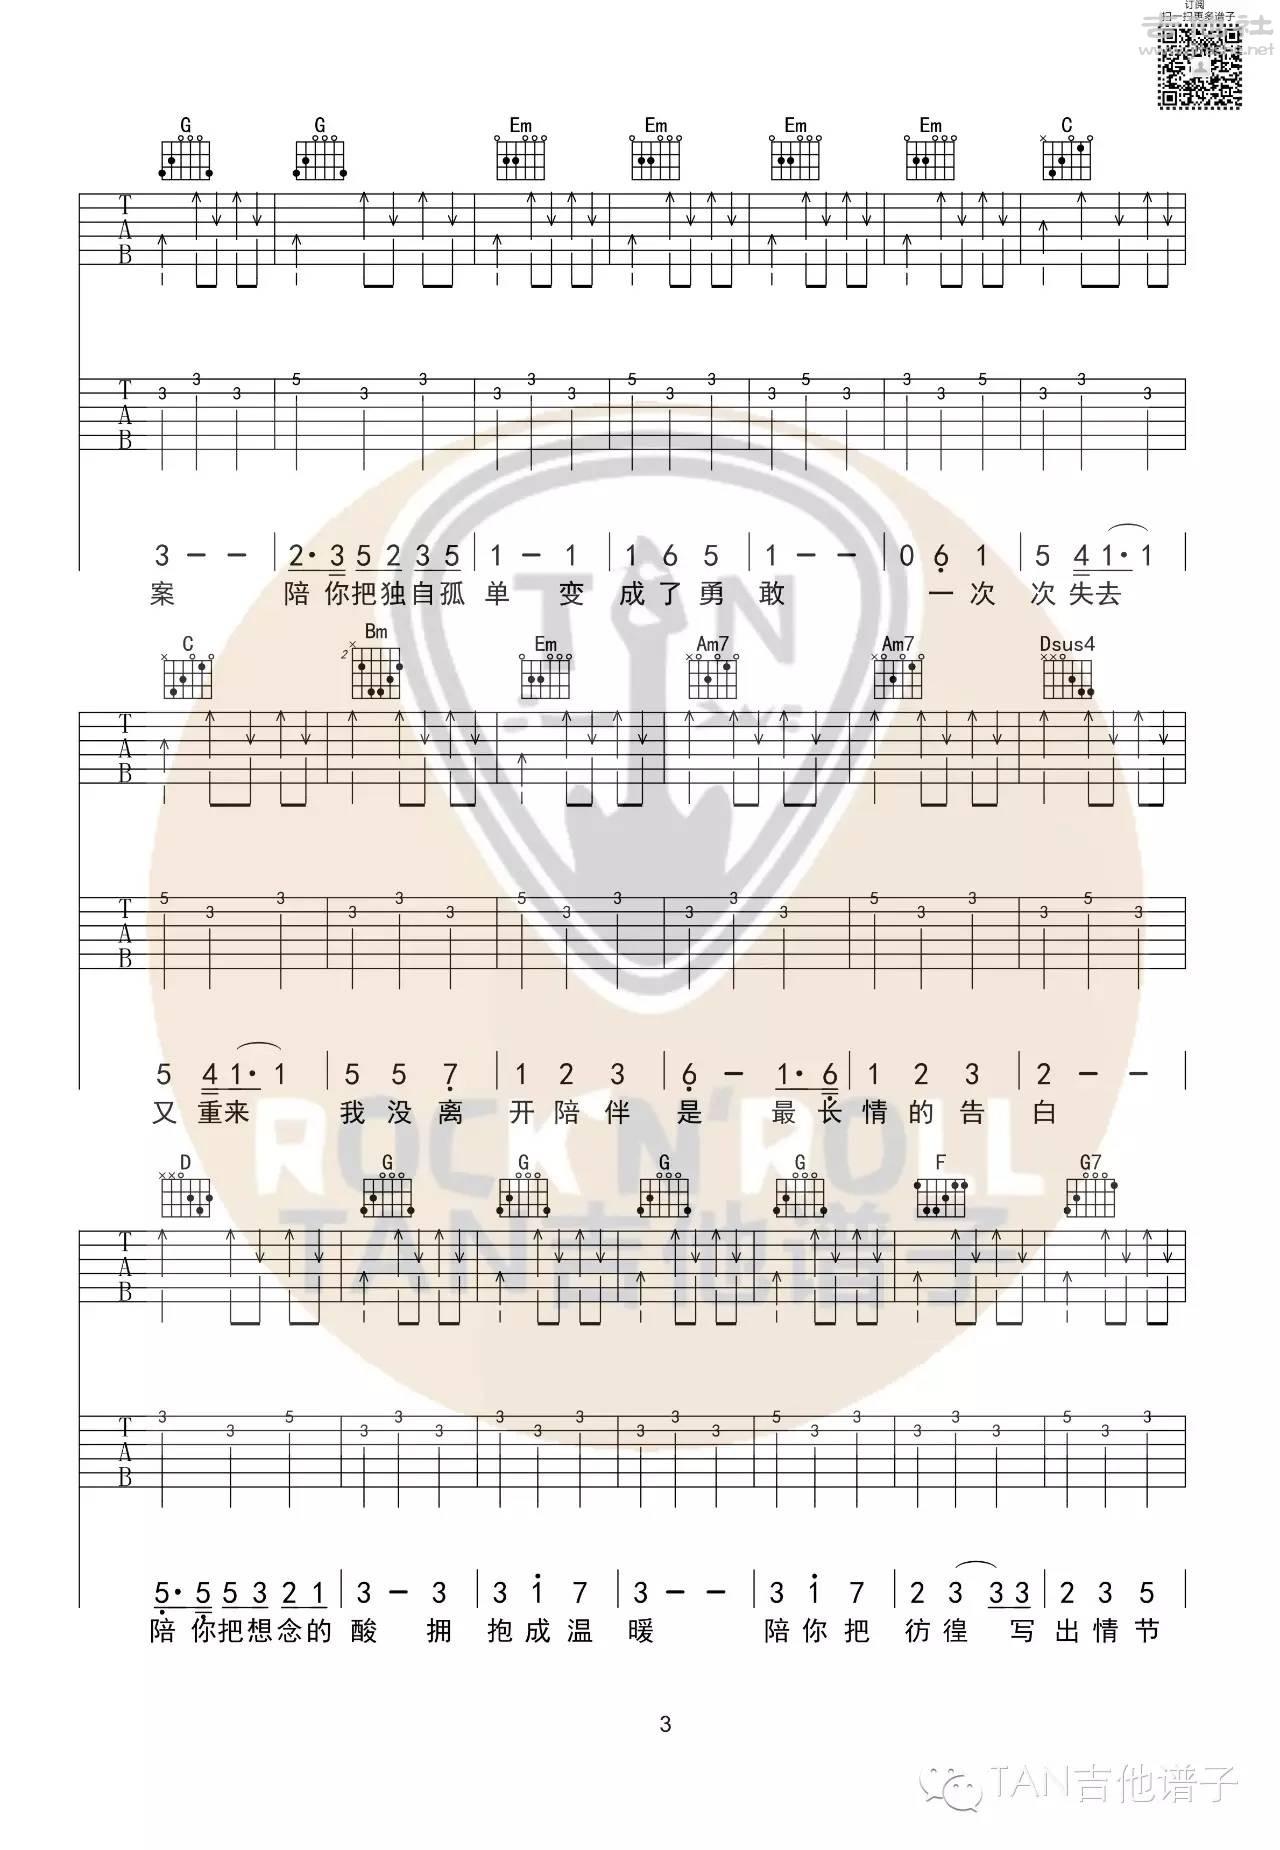 陪你度过漫长岁月(Sleep Alone)吉他谱(图片谱,弹唱)_陈奕迅(Eason Chan)_3.jpg